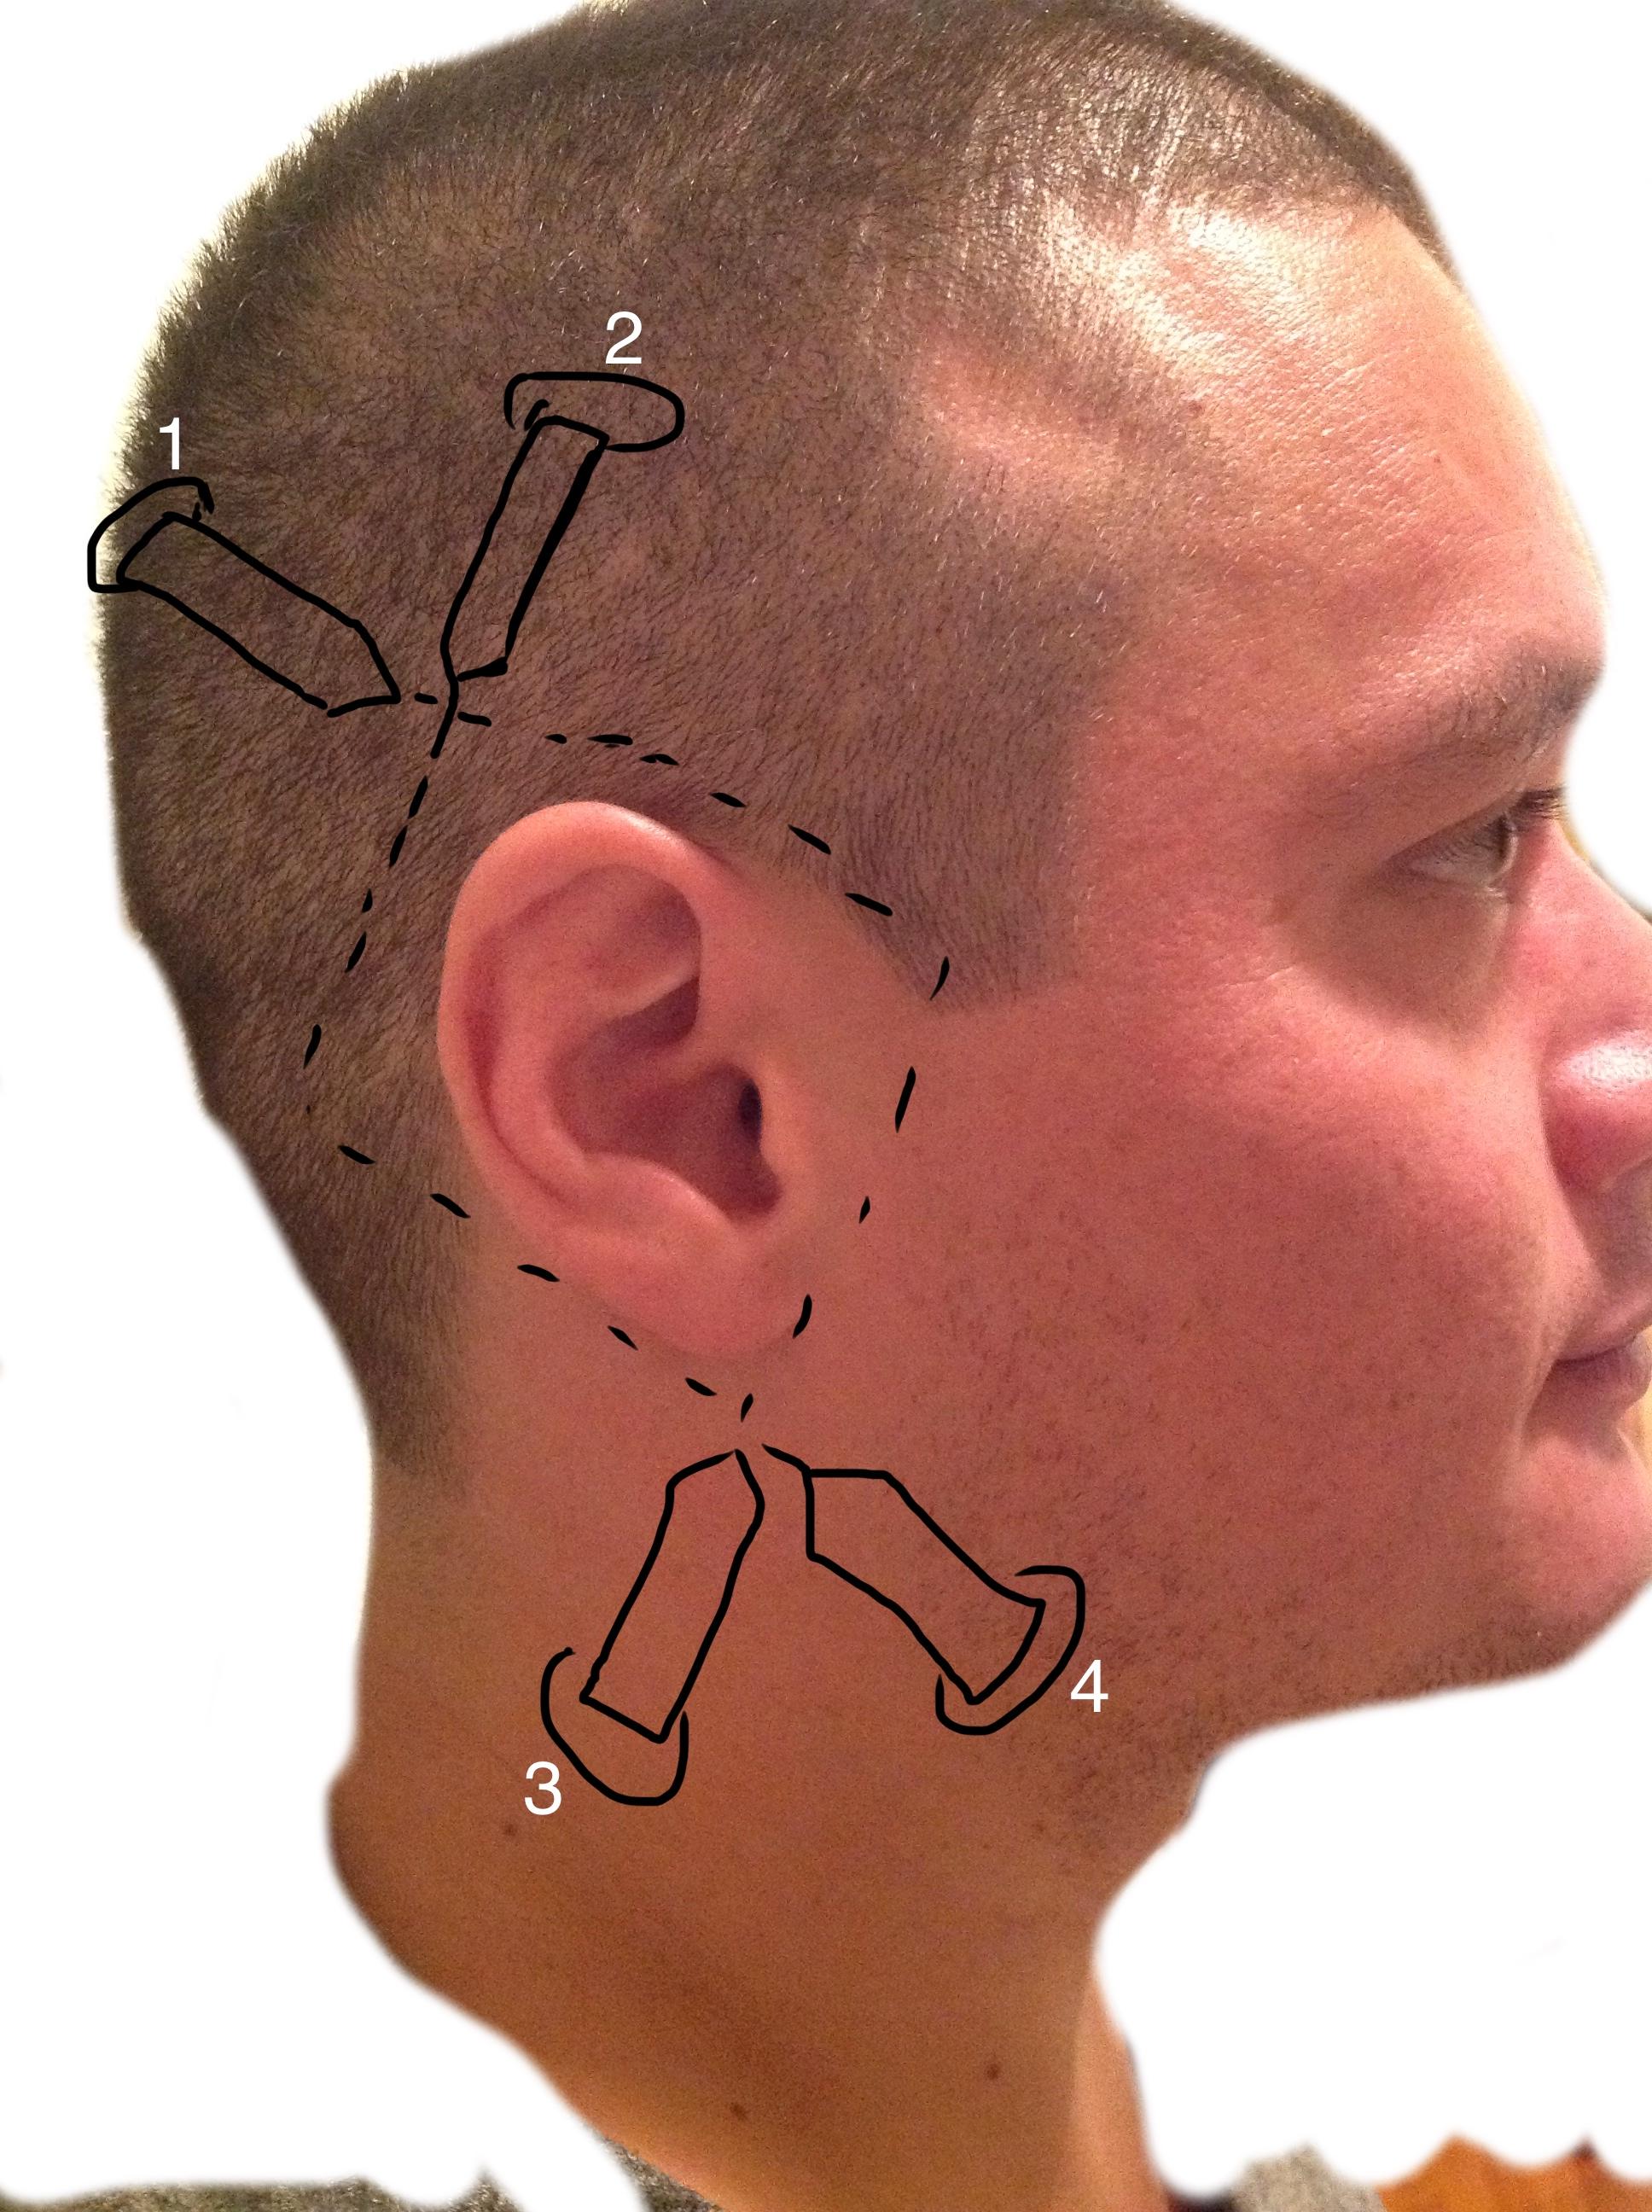 Field Block Of The Ear